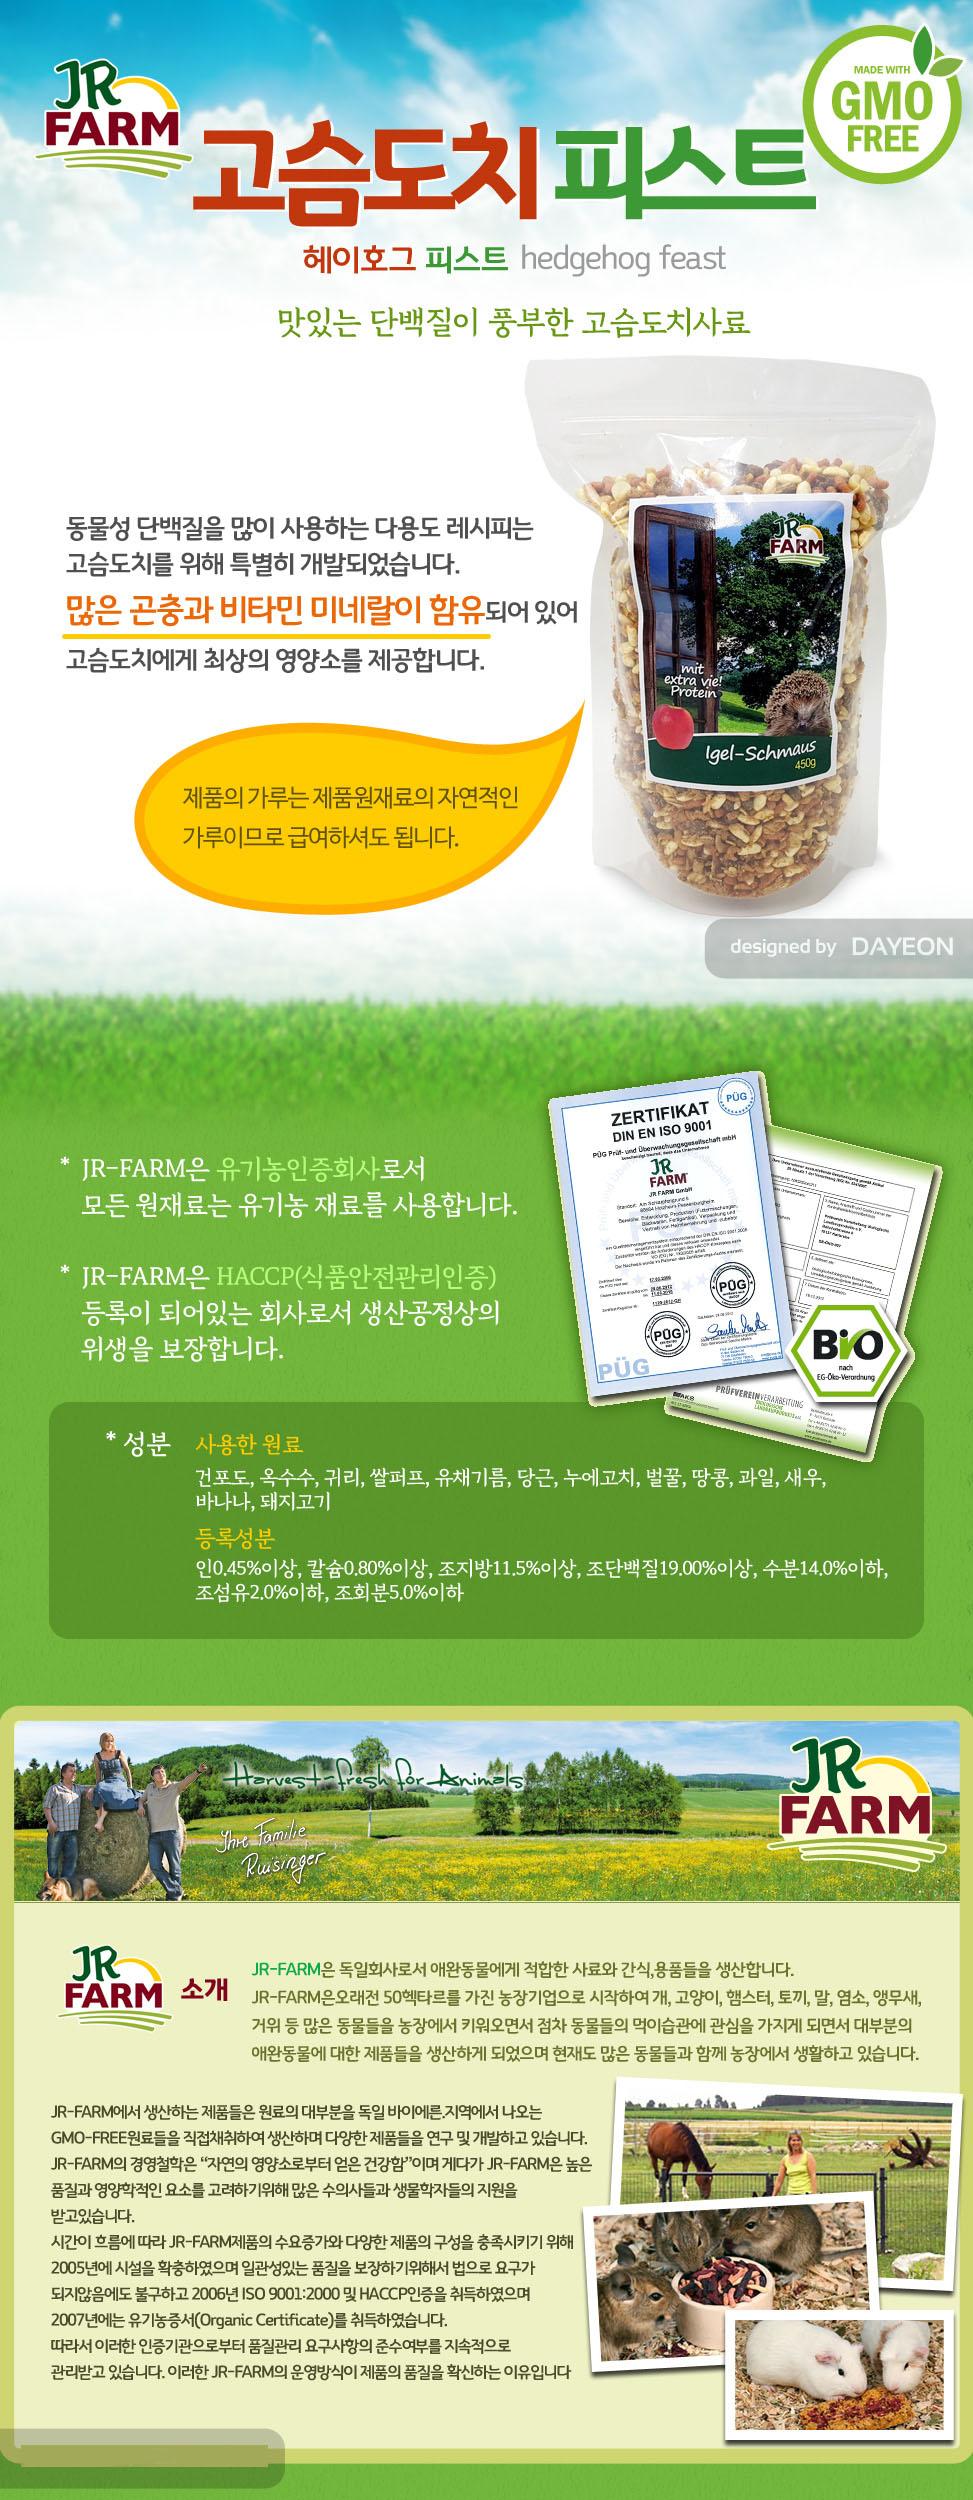 제이알팜 고슴도치(헤이호그)피스트 450g-.jpg